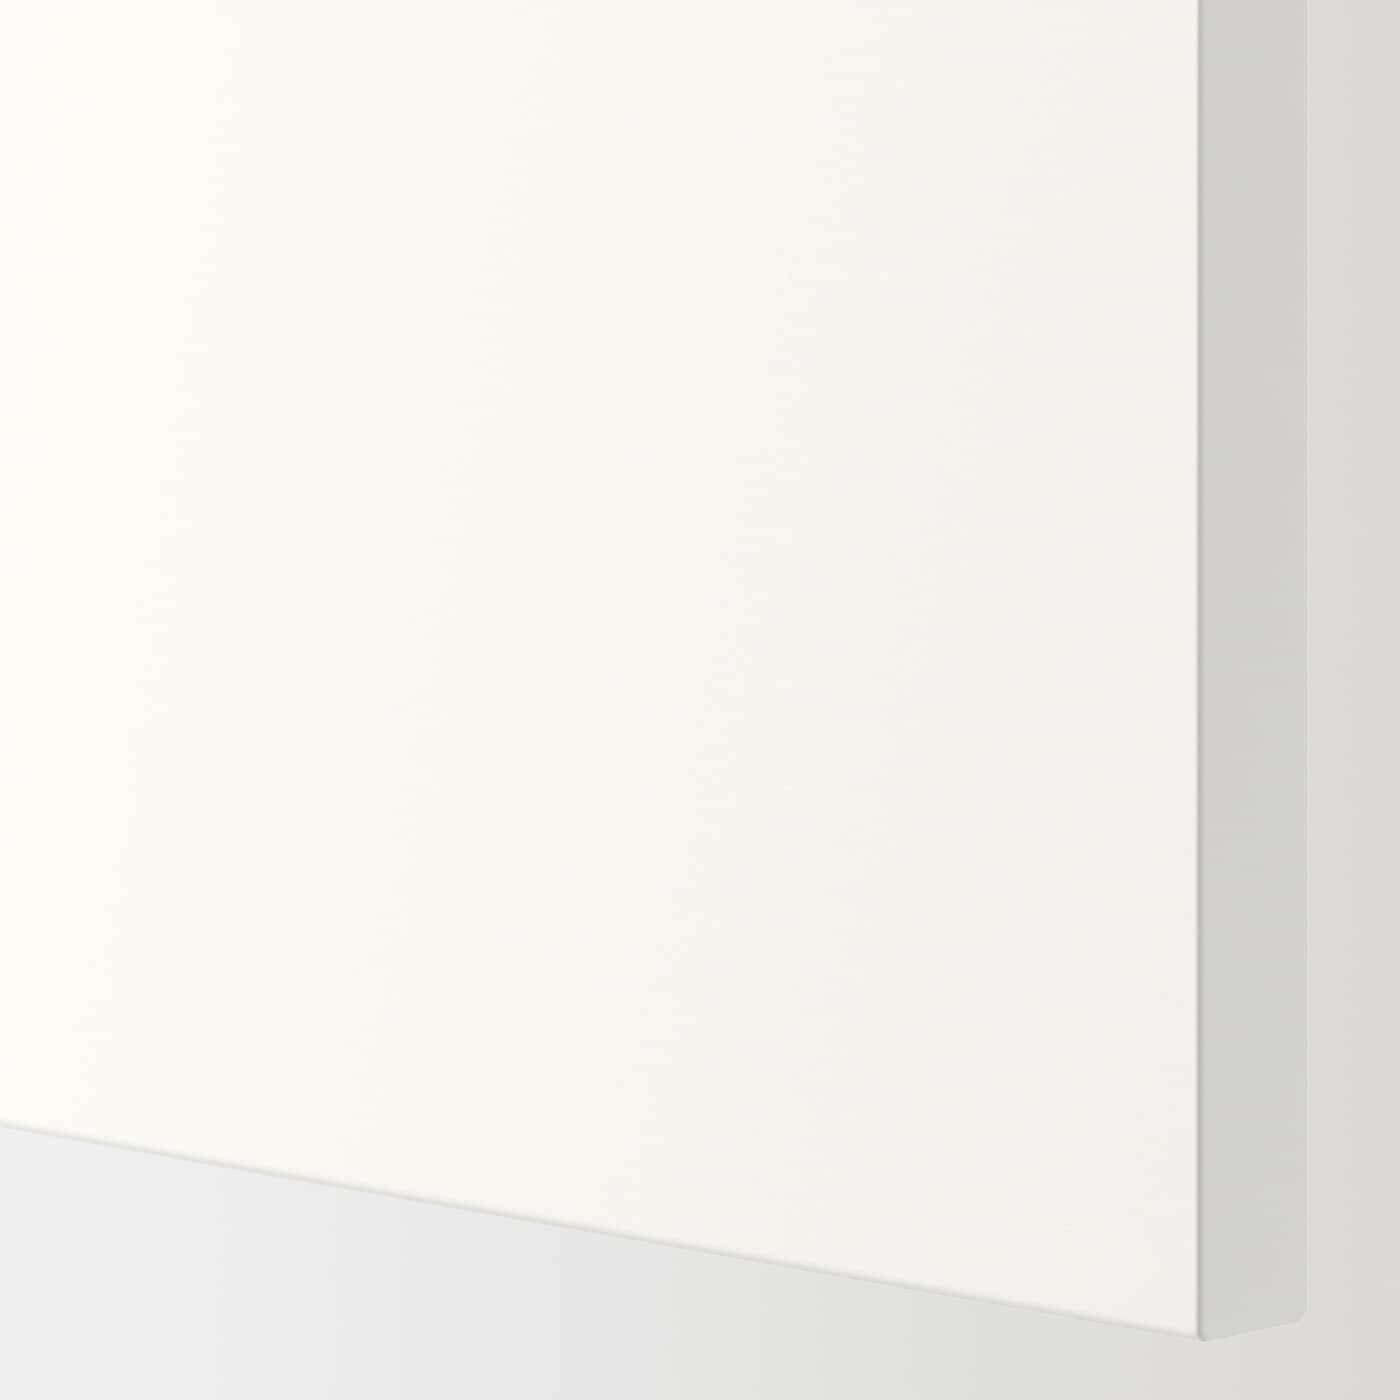 ENHET خزانة قاعدة لحوض/باب, أبيض, 60x62x75 سم